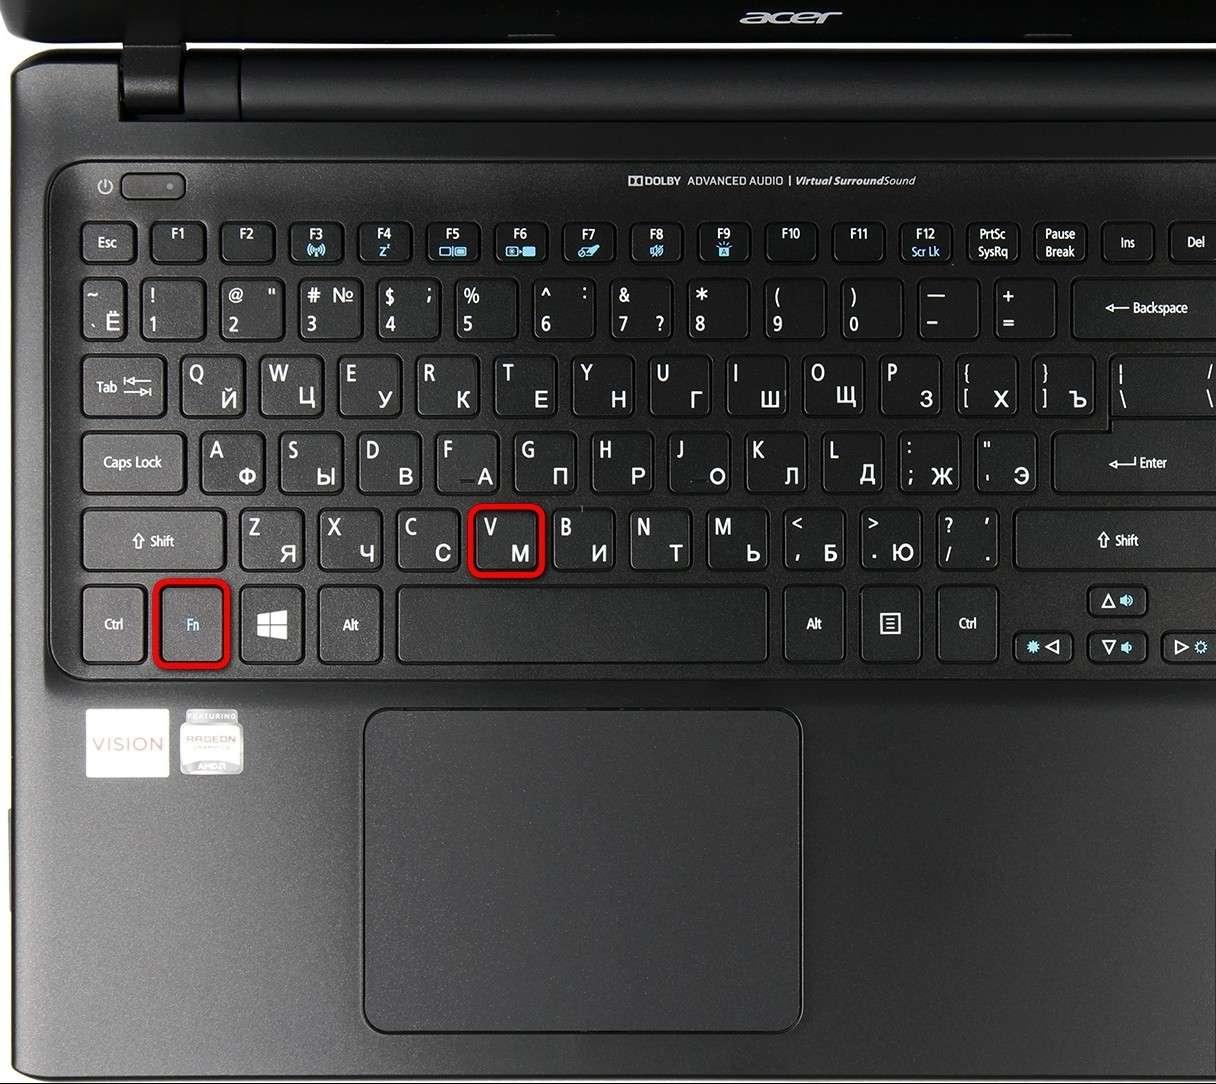 Як включити камеру на ноутбуці: поради по підключенню